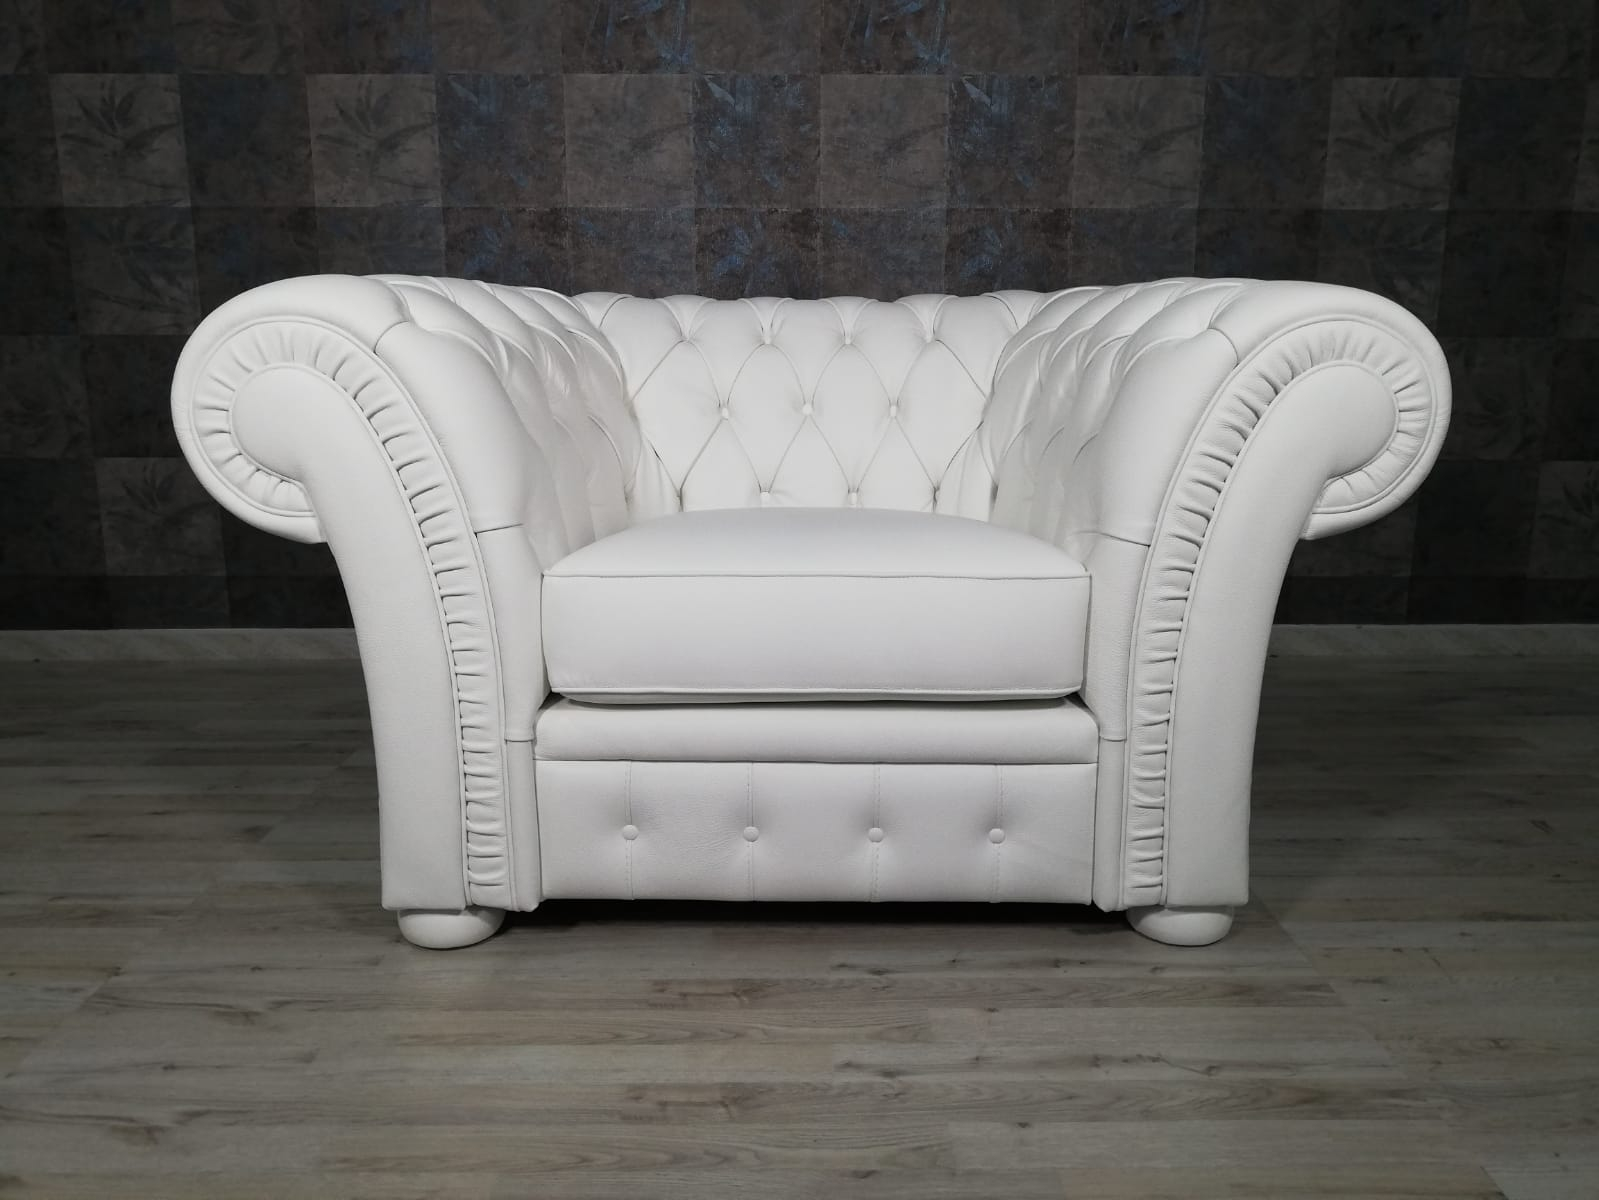 FREDA - Poltrona Chesterfield bianca in pelle modello impero capitonnè con base e piedini in legno tappezzati